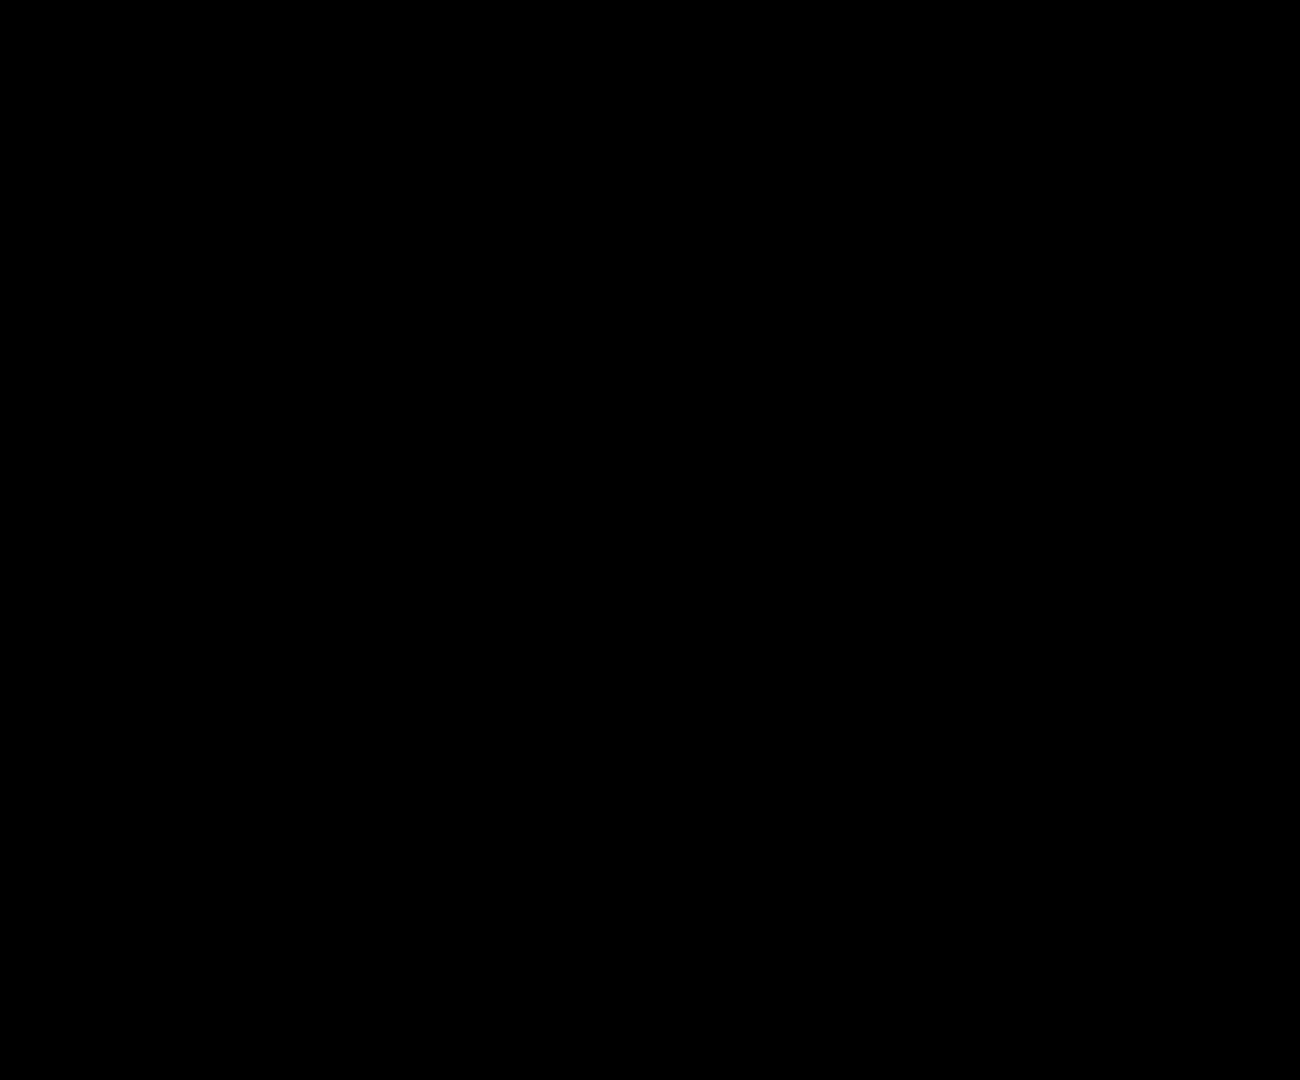 Běleč nad Orlicí, celooblohová kamera, aktuální záběr